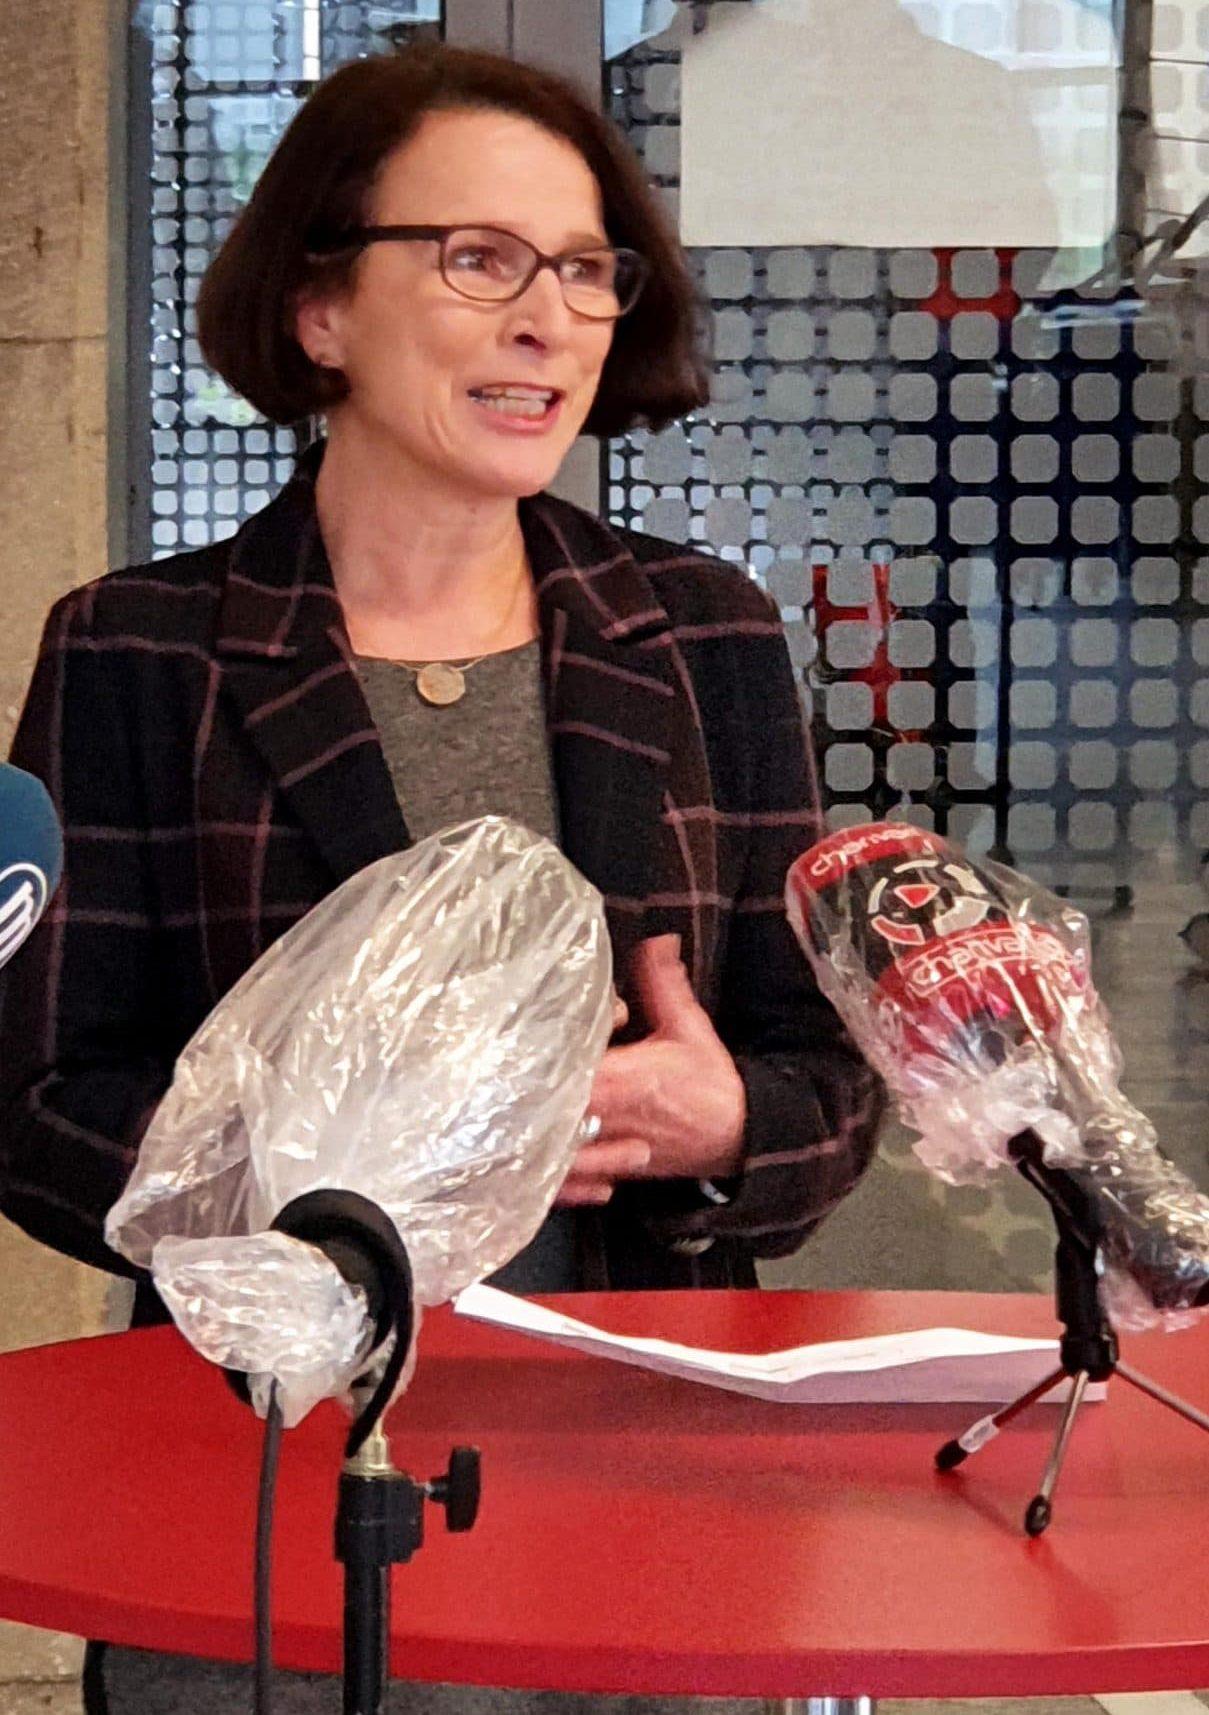 Auf Suche nach guten Partnern – aus der häuslichen Quarantäne Oberbürgermeisterin Gertrud Maltz-Schwarzfischer für politische Stabilität